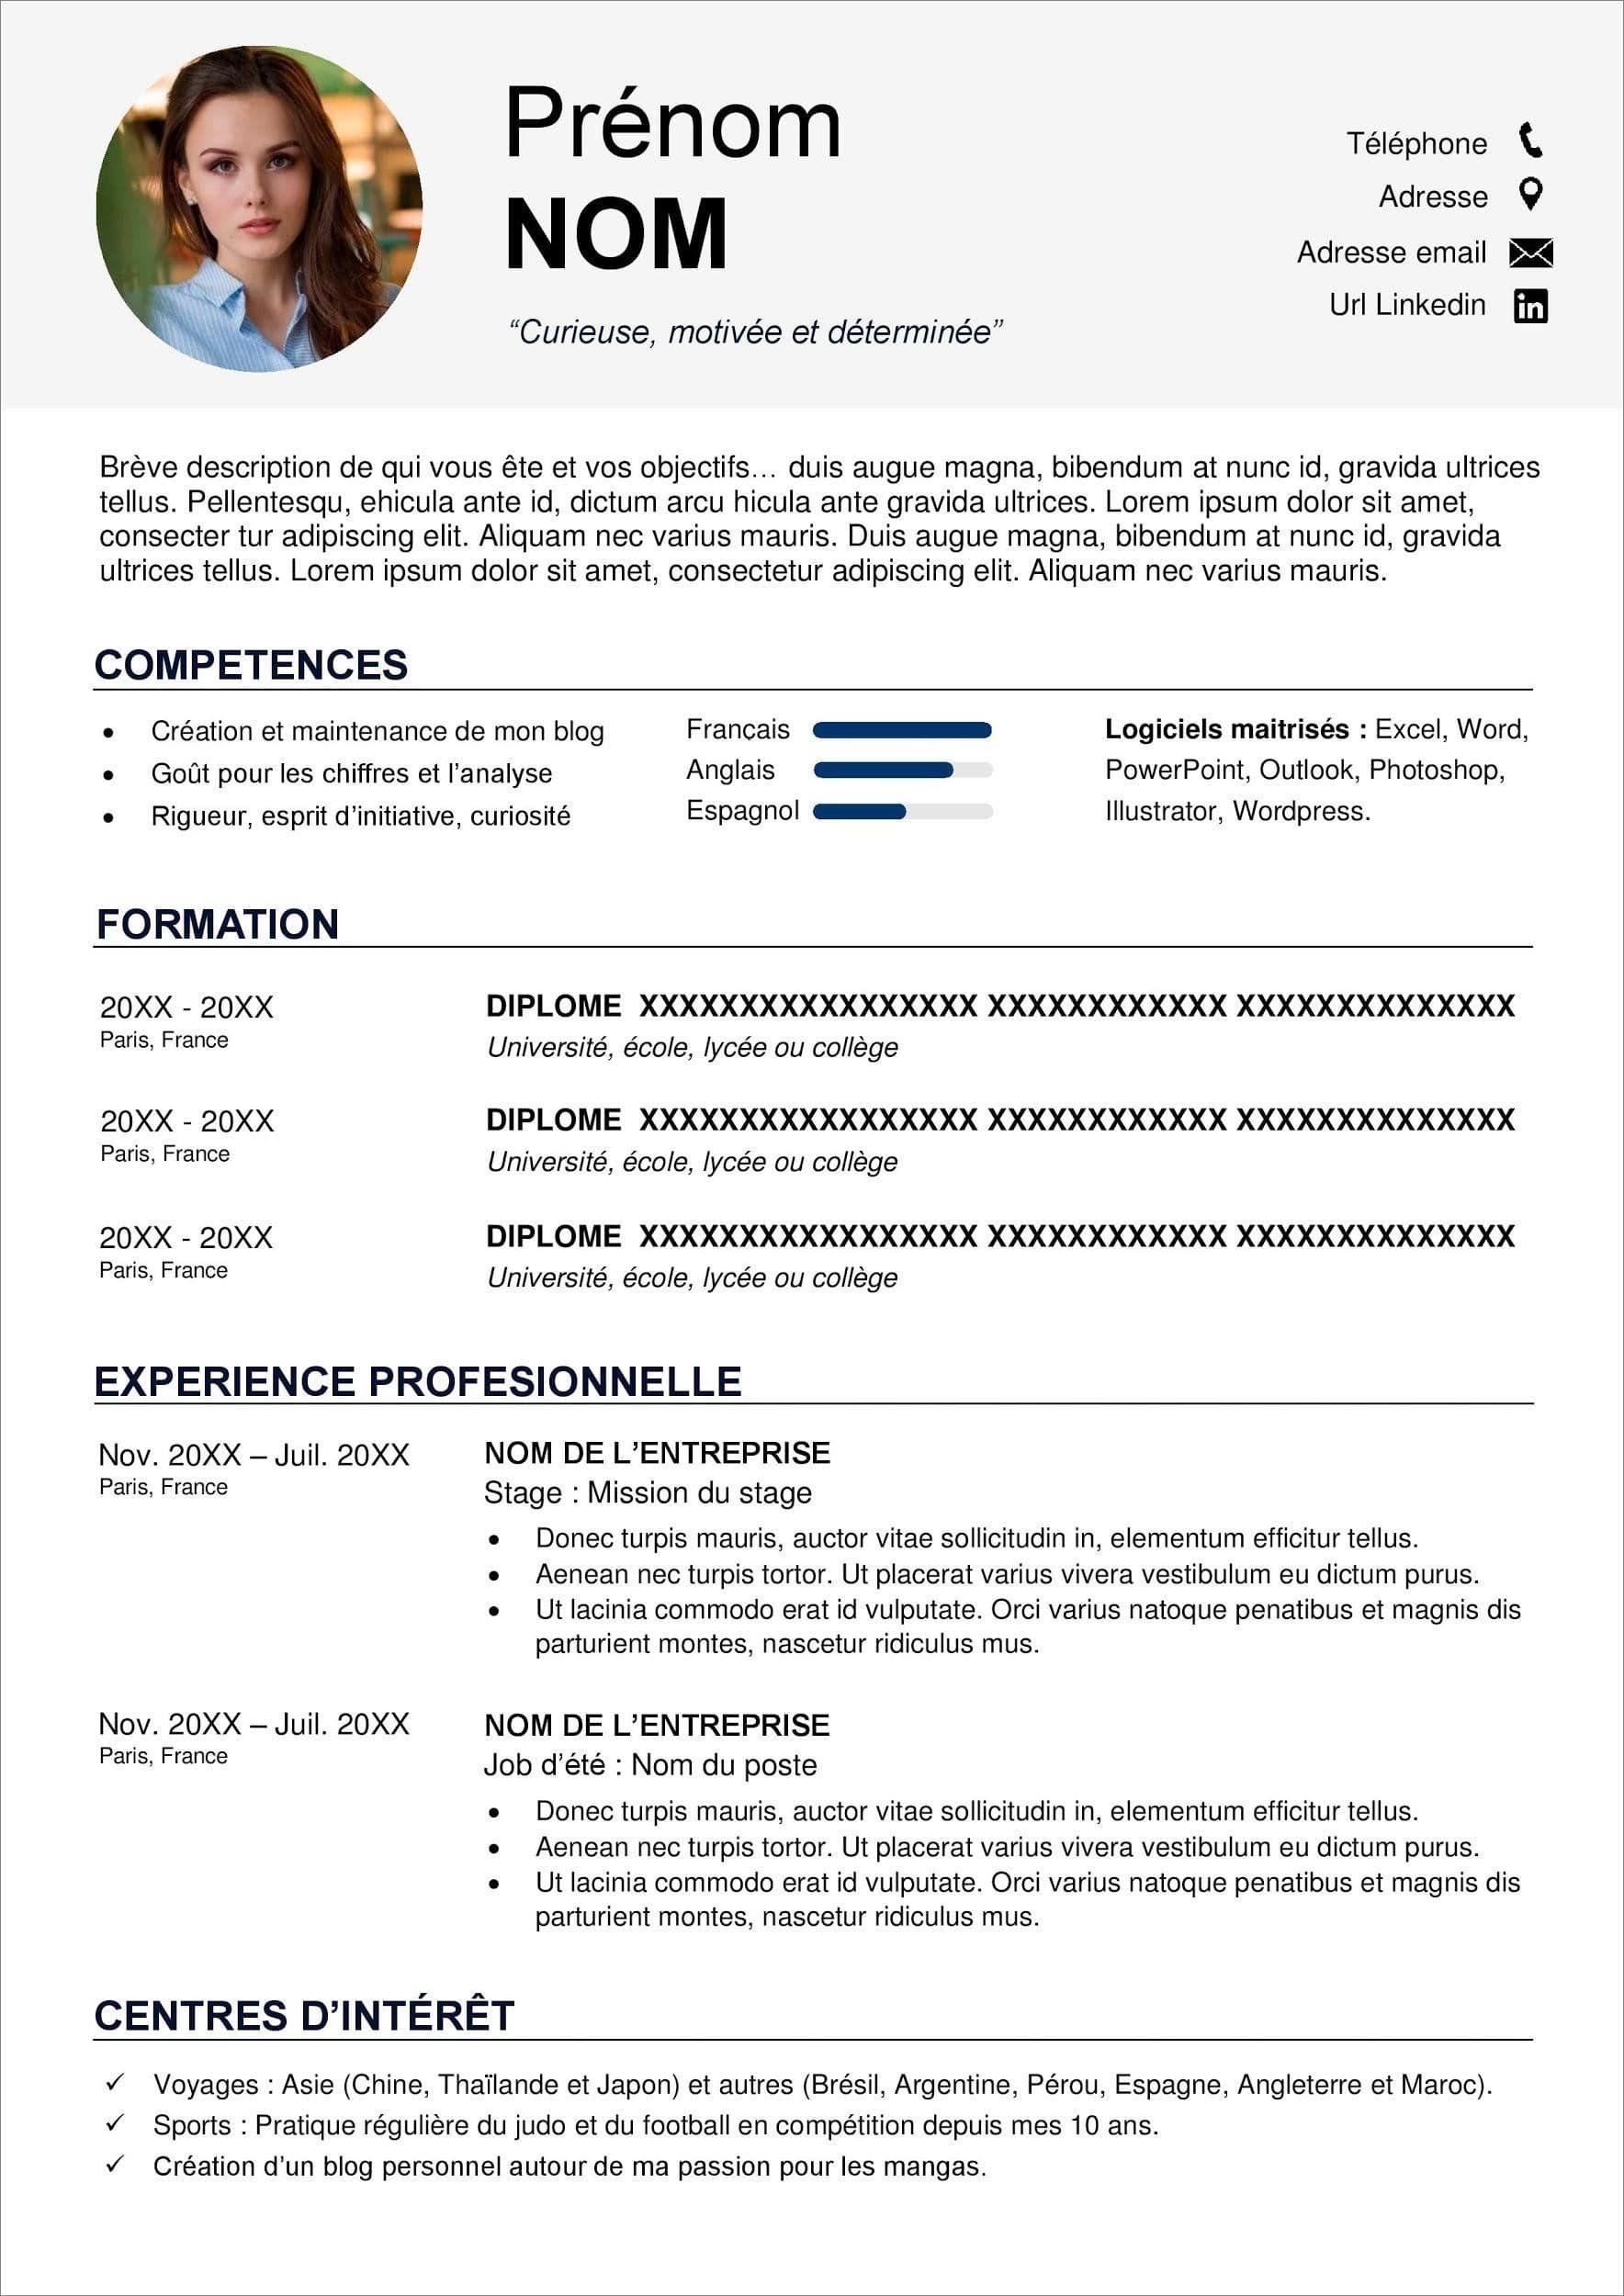 Cv En Ligne Cv Designer Curriculum Vitae Exemple De Cv Etudiant Cv Etudiant Exemple Cv